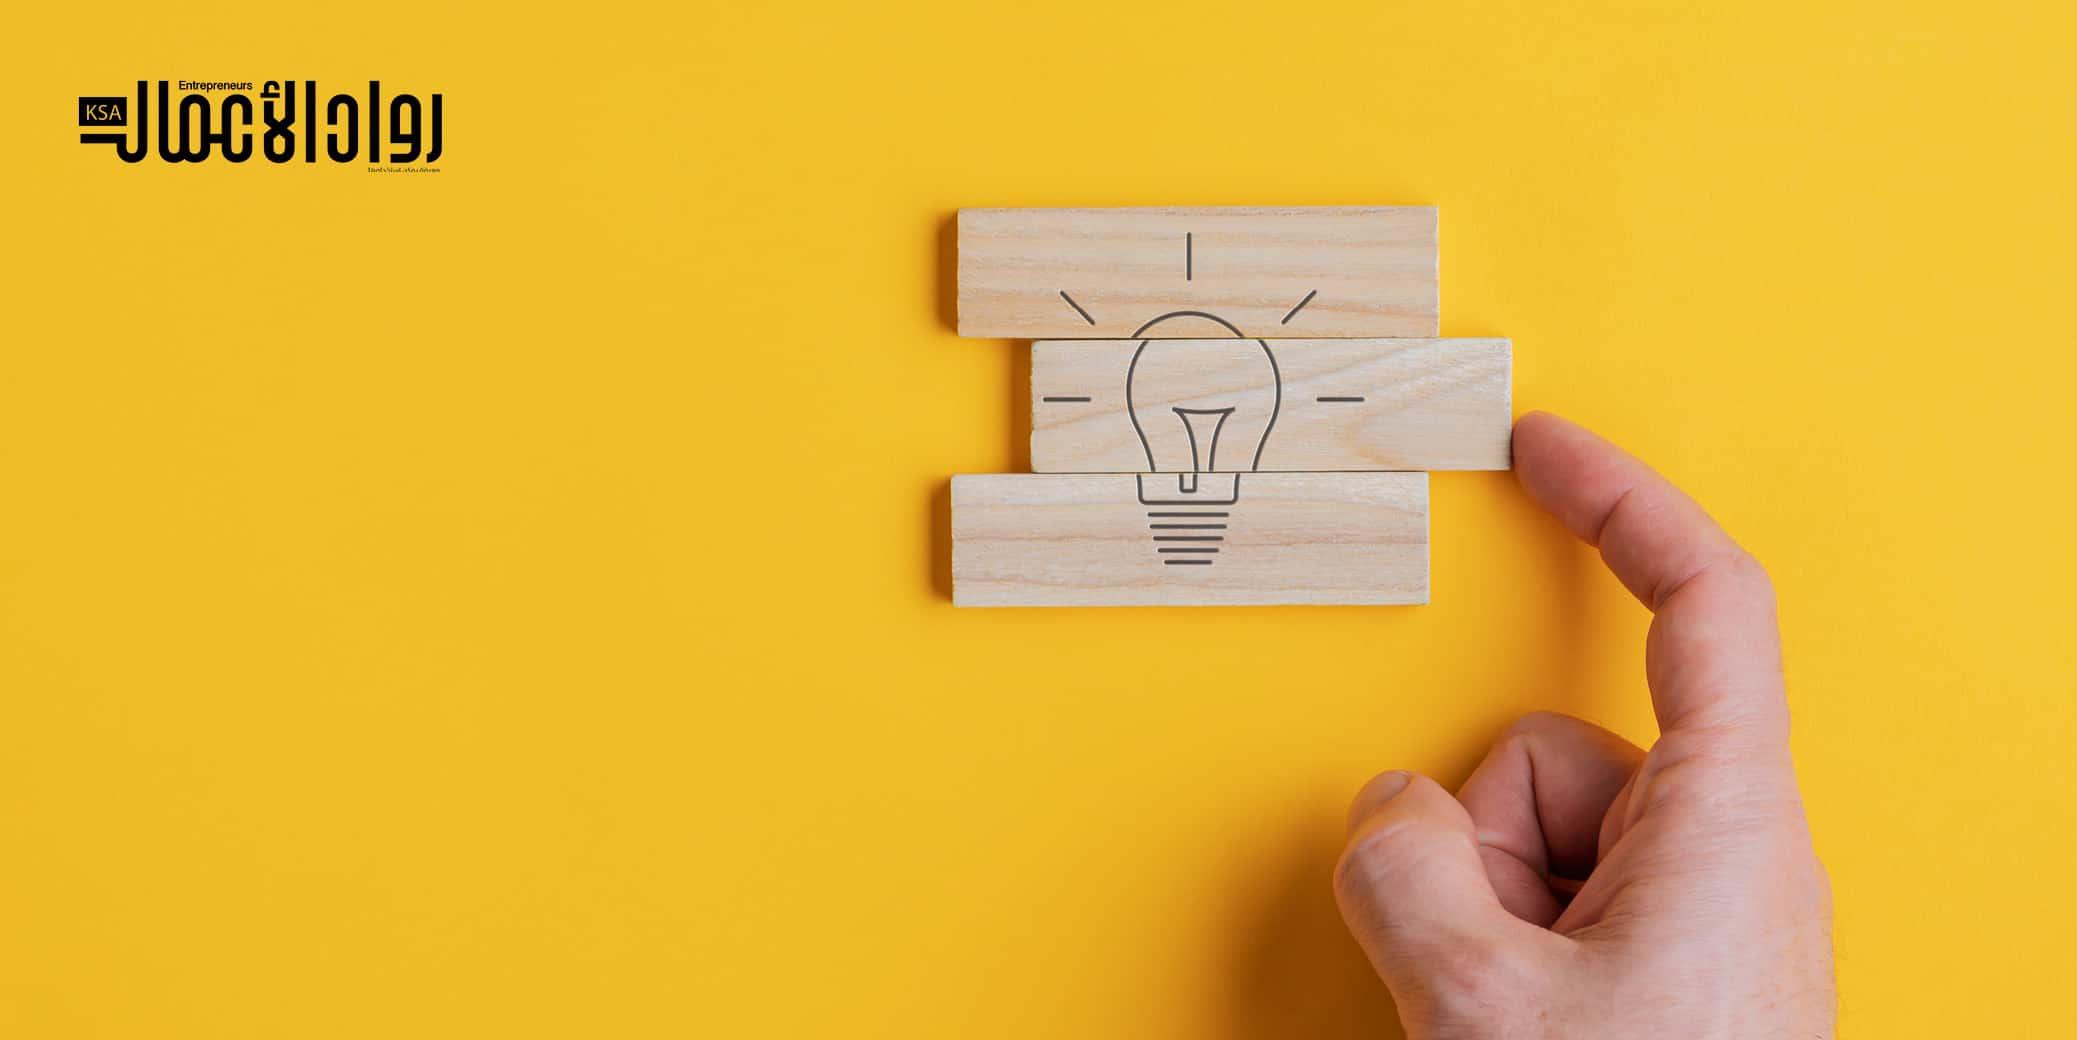 أفكار مشاريع إبداعية